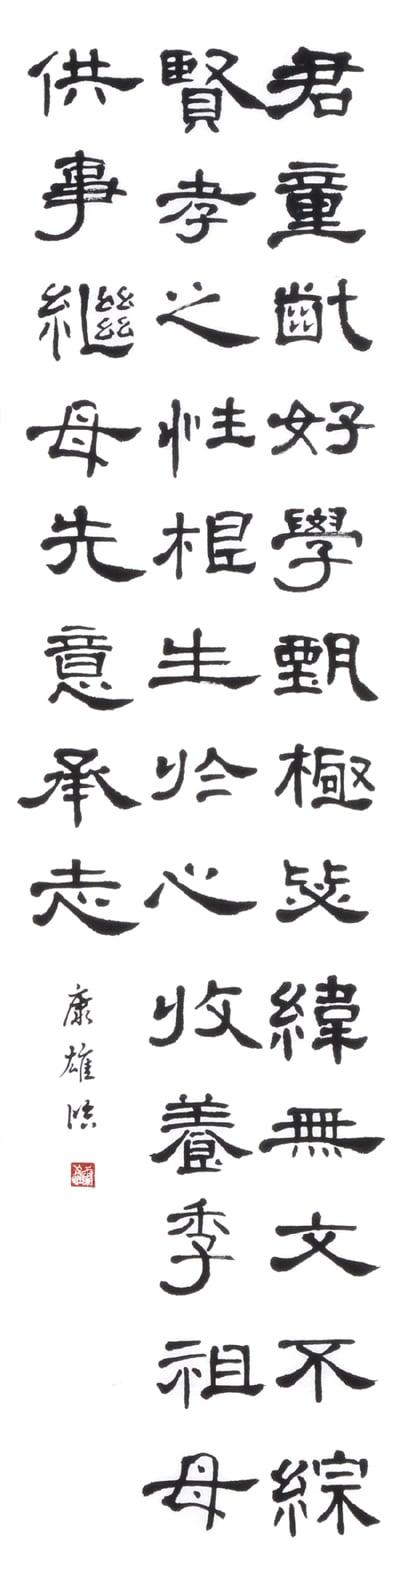 鈴木康雄2019全書芸展作品画像